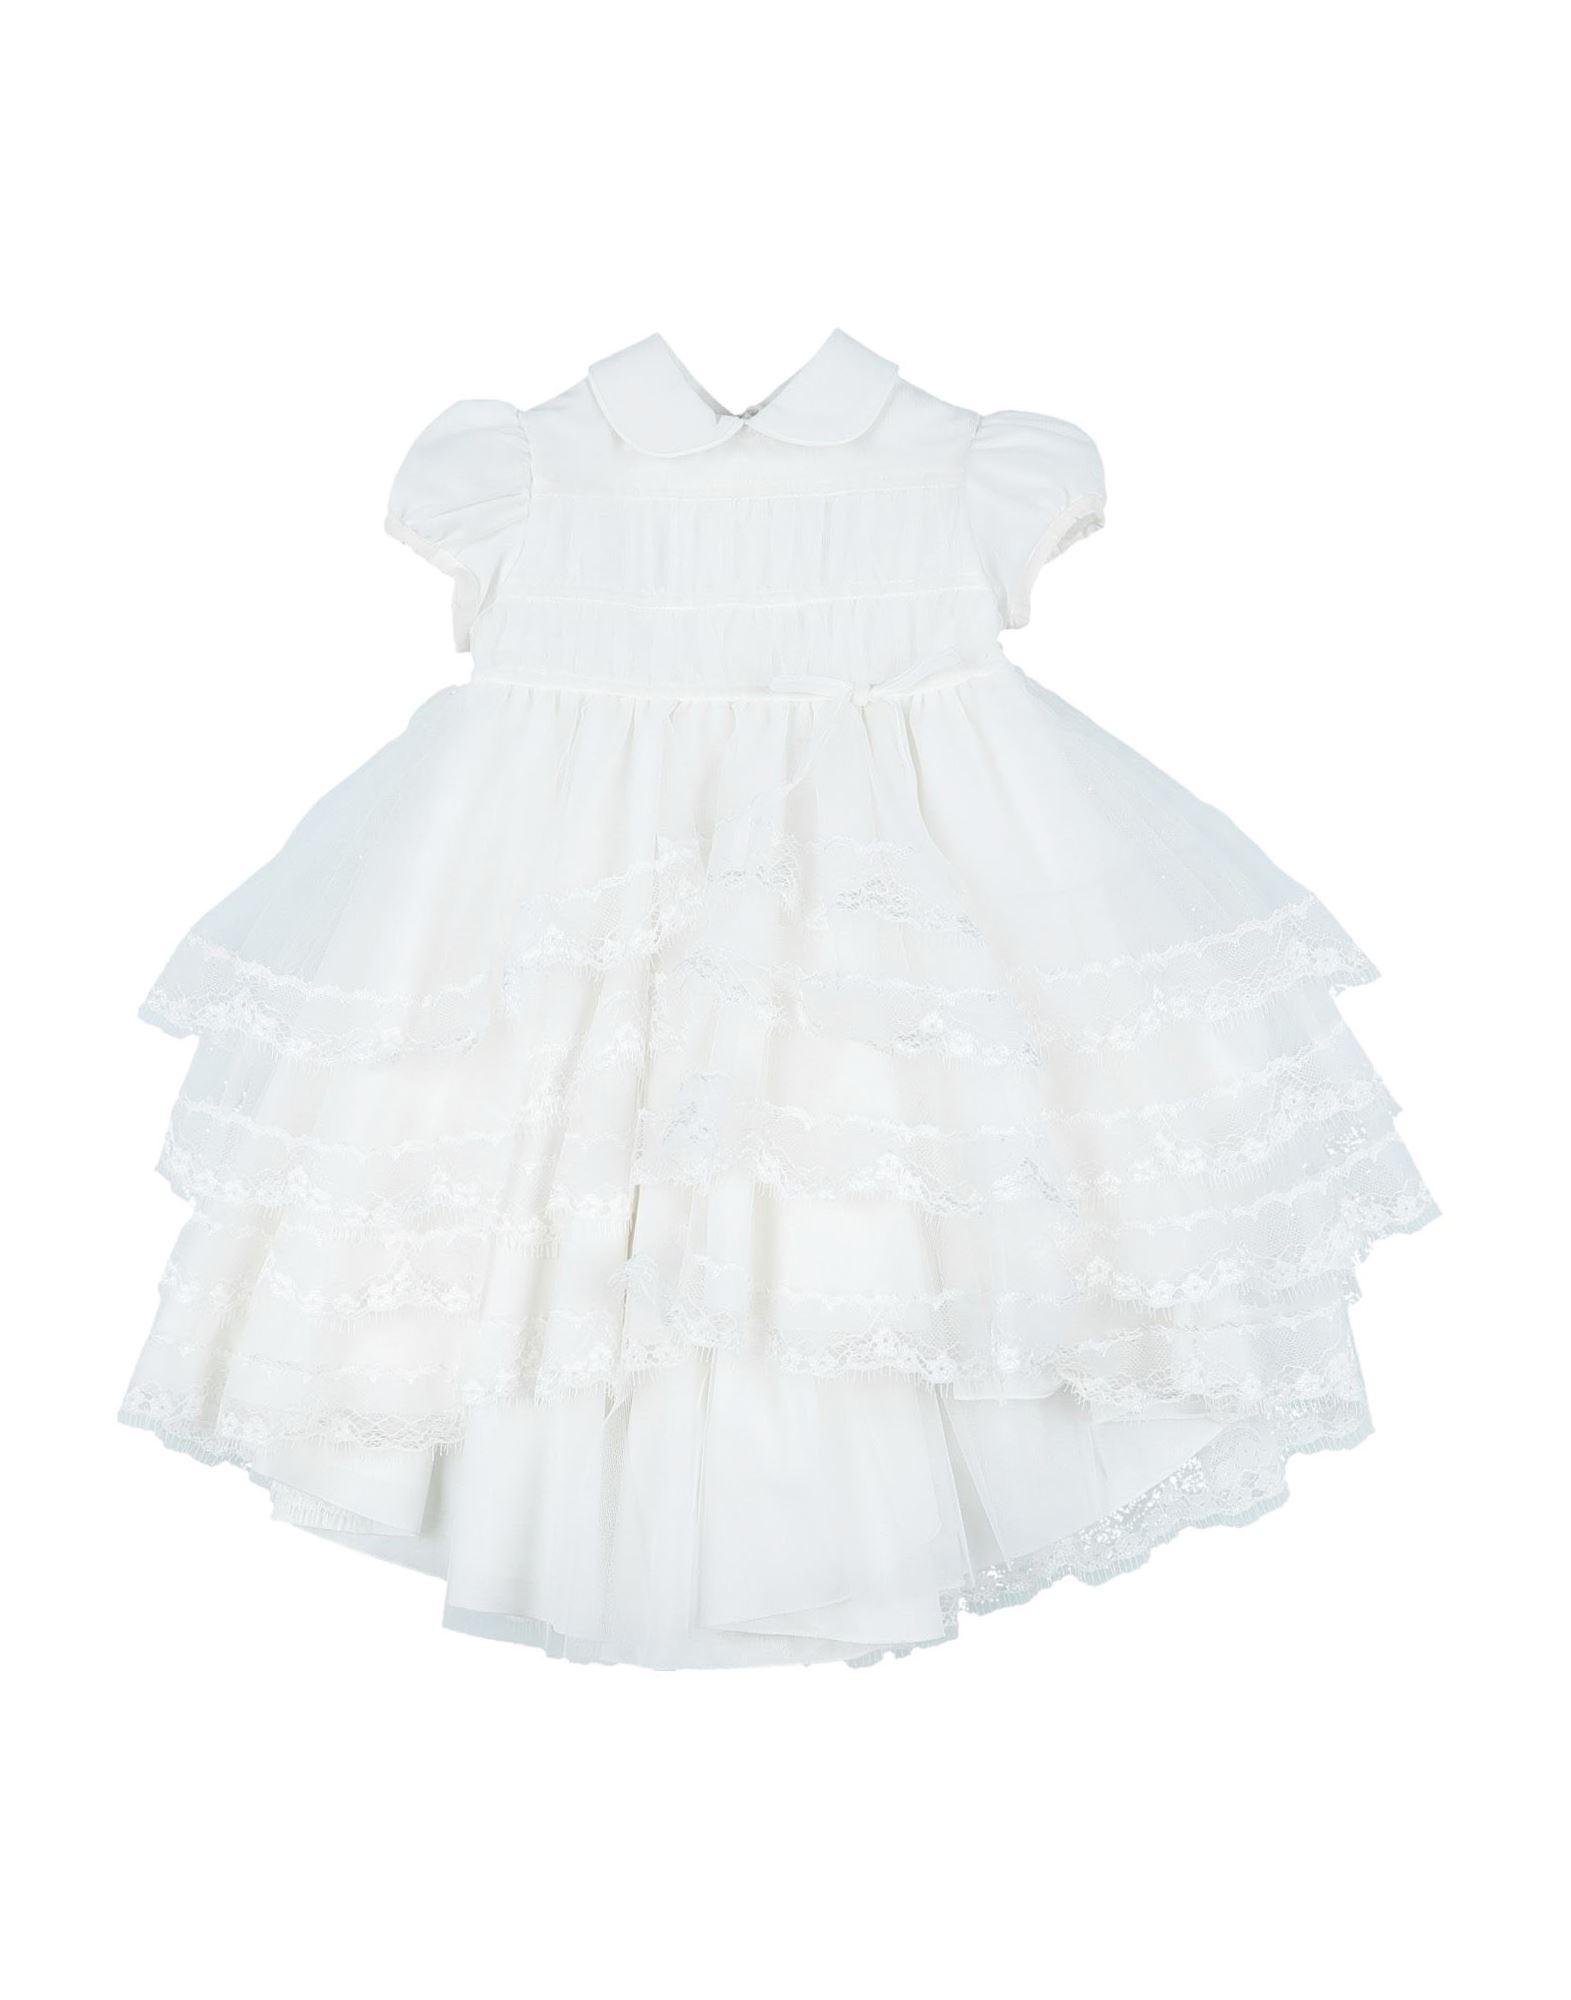 ALETTA Dresses - Item 15129574